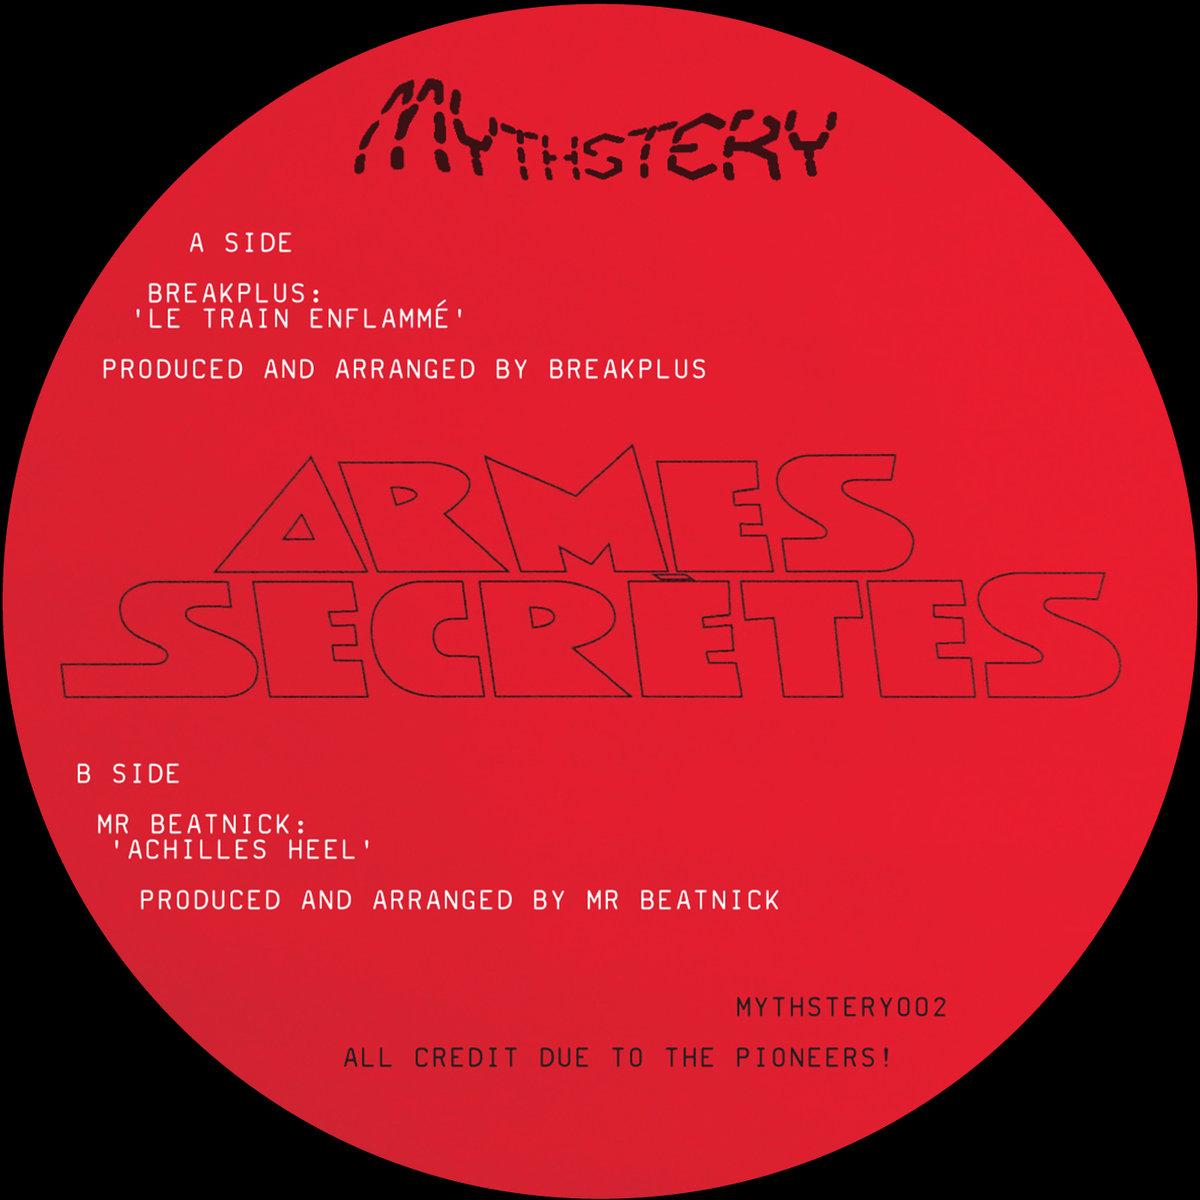 Armes Secrètes -  Breakplus & Mr Beatnick